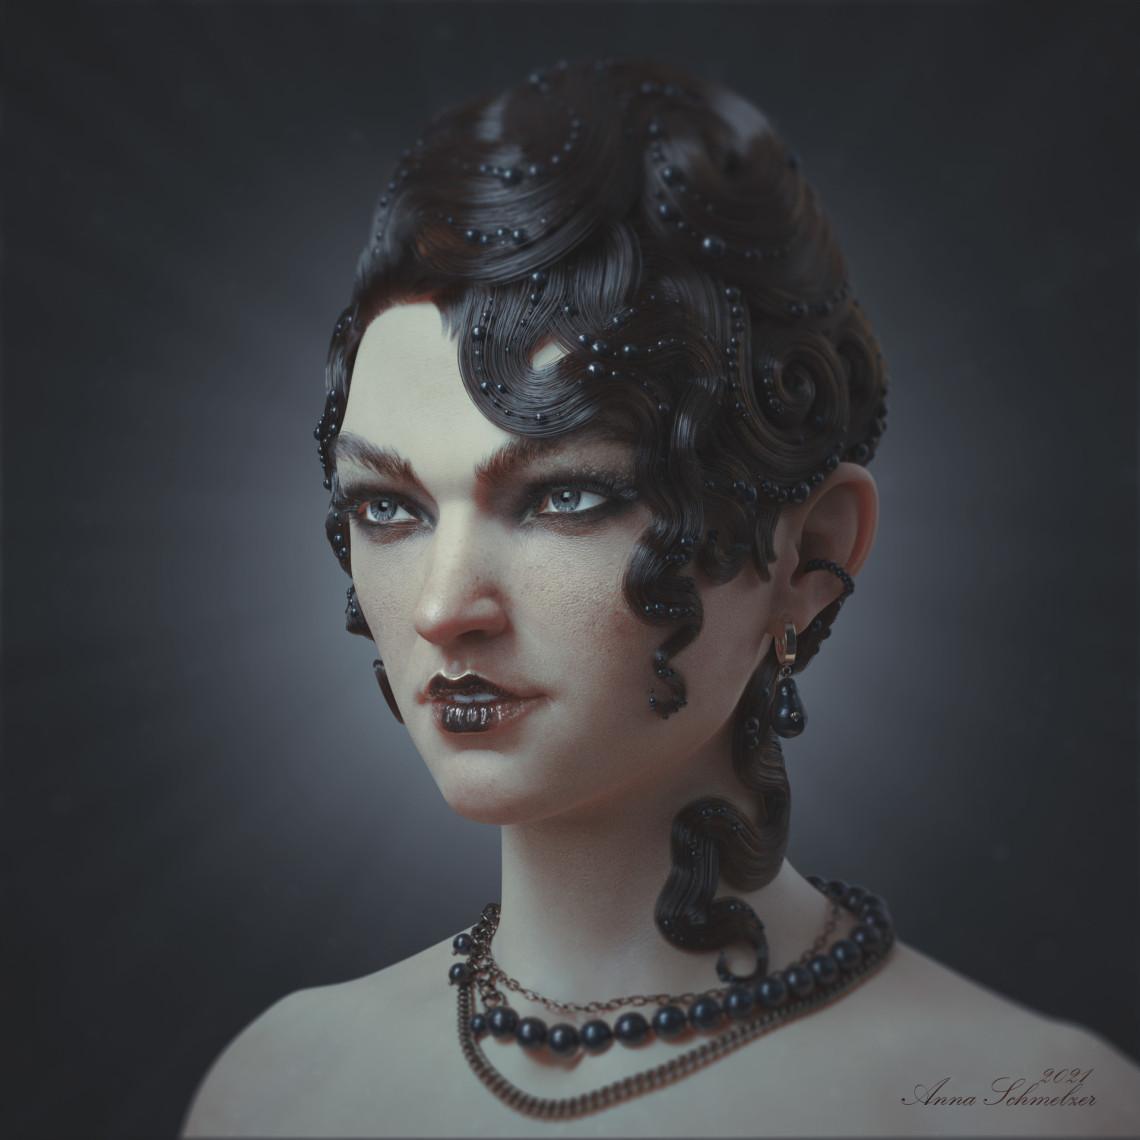 卷发女性角色设计    设计师:Anna Schmelzer